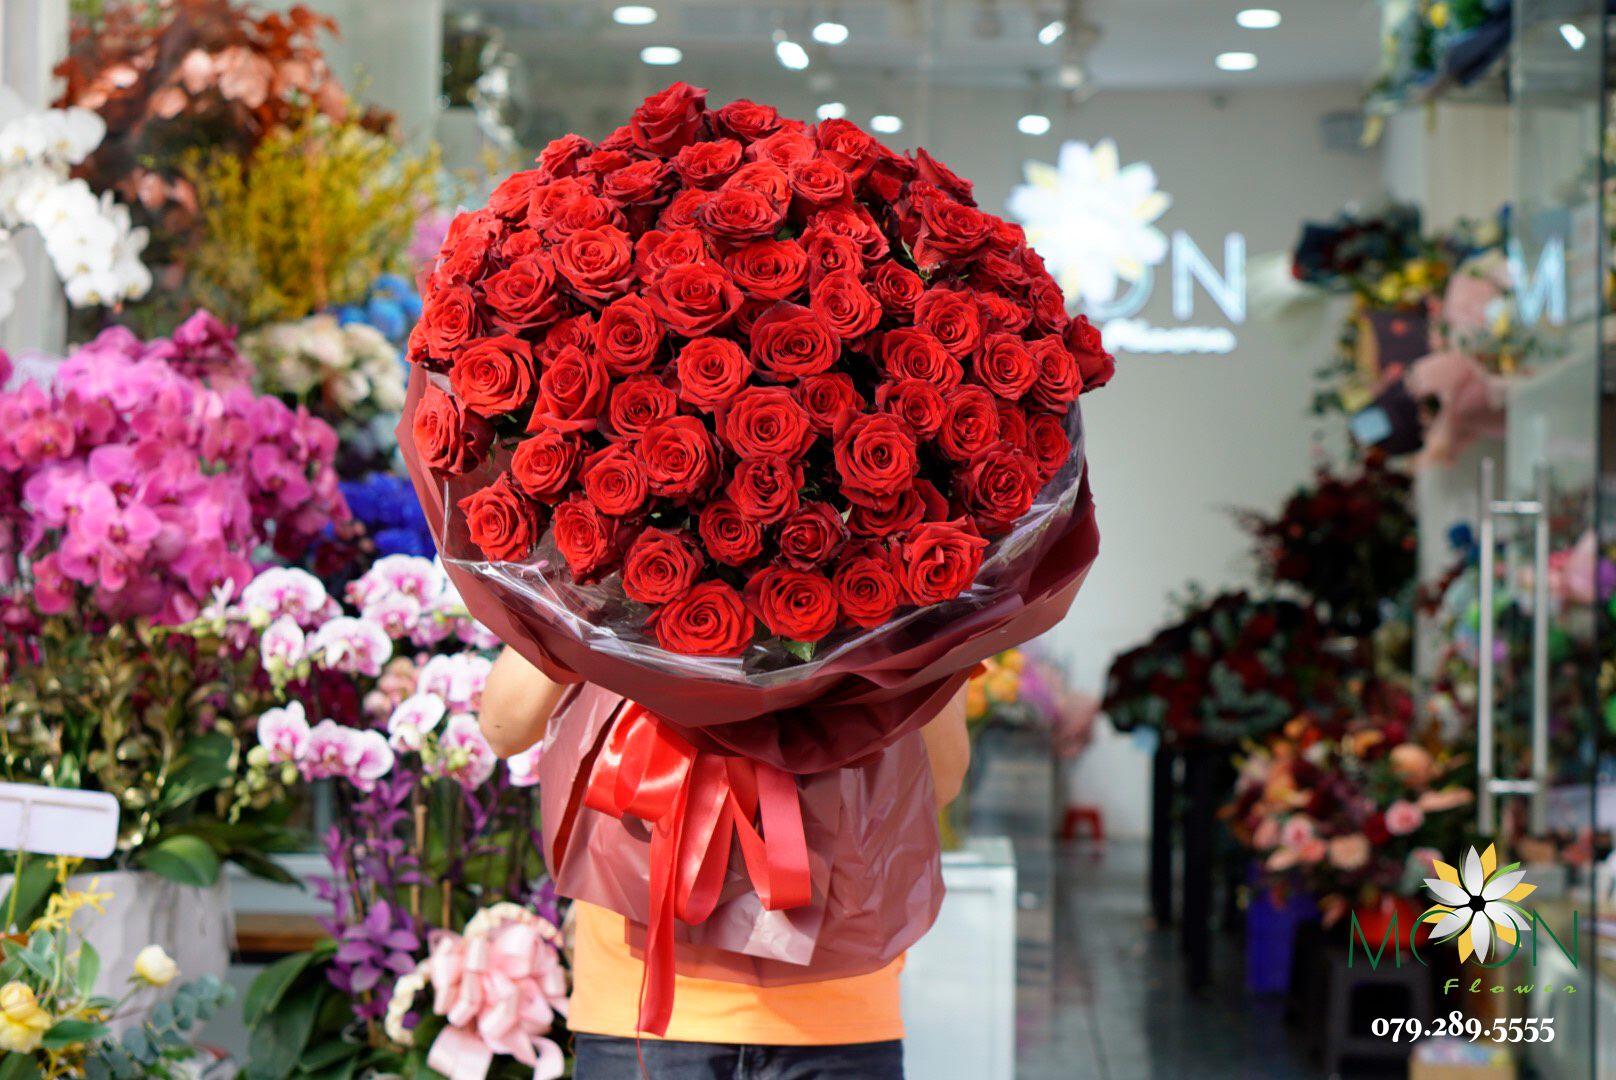 Hoa Hồng Đỏ – Loài hoa mang sứ mệnh của tình yêu